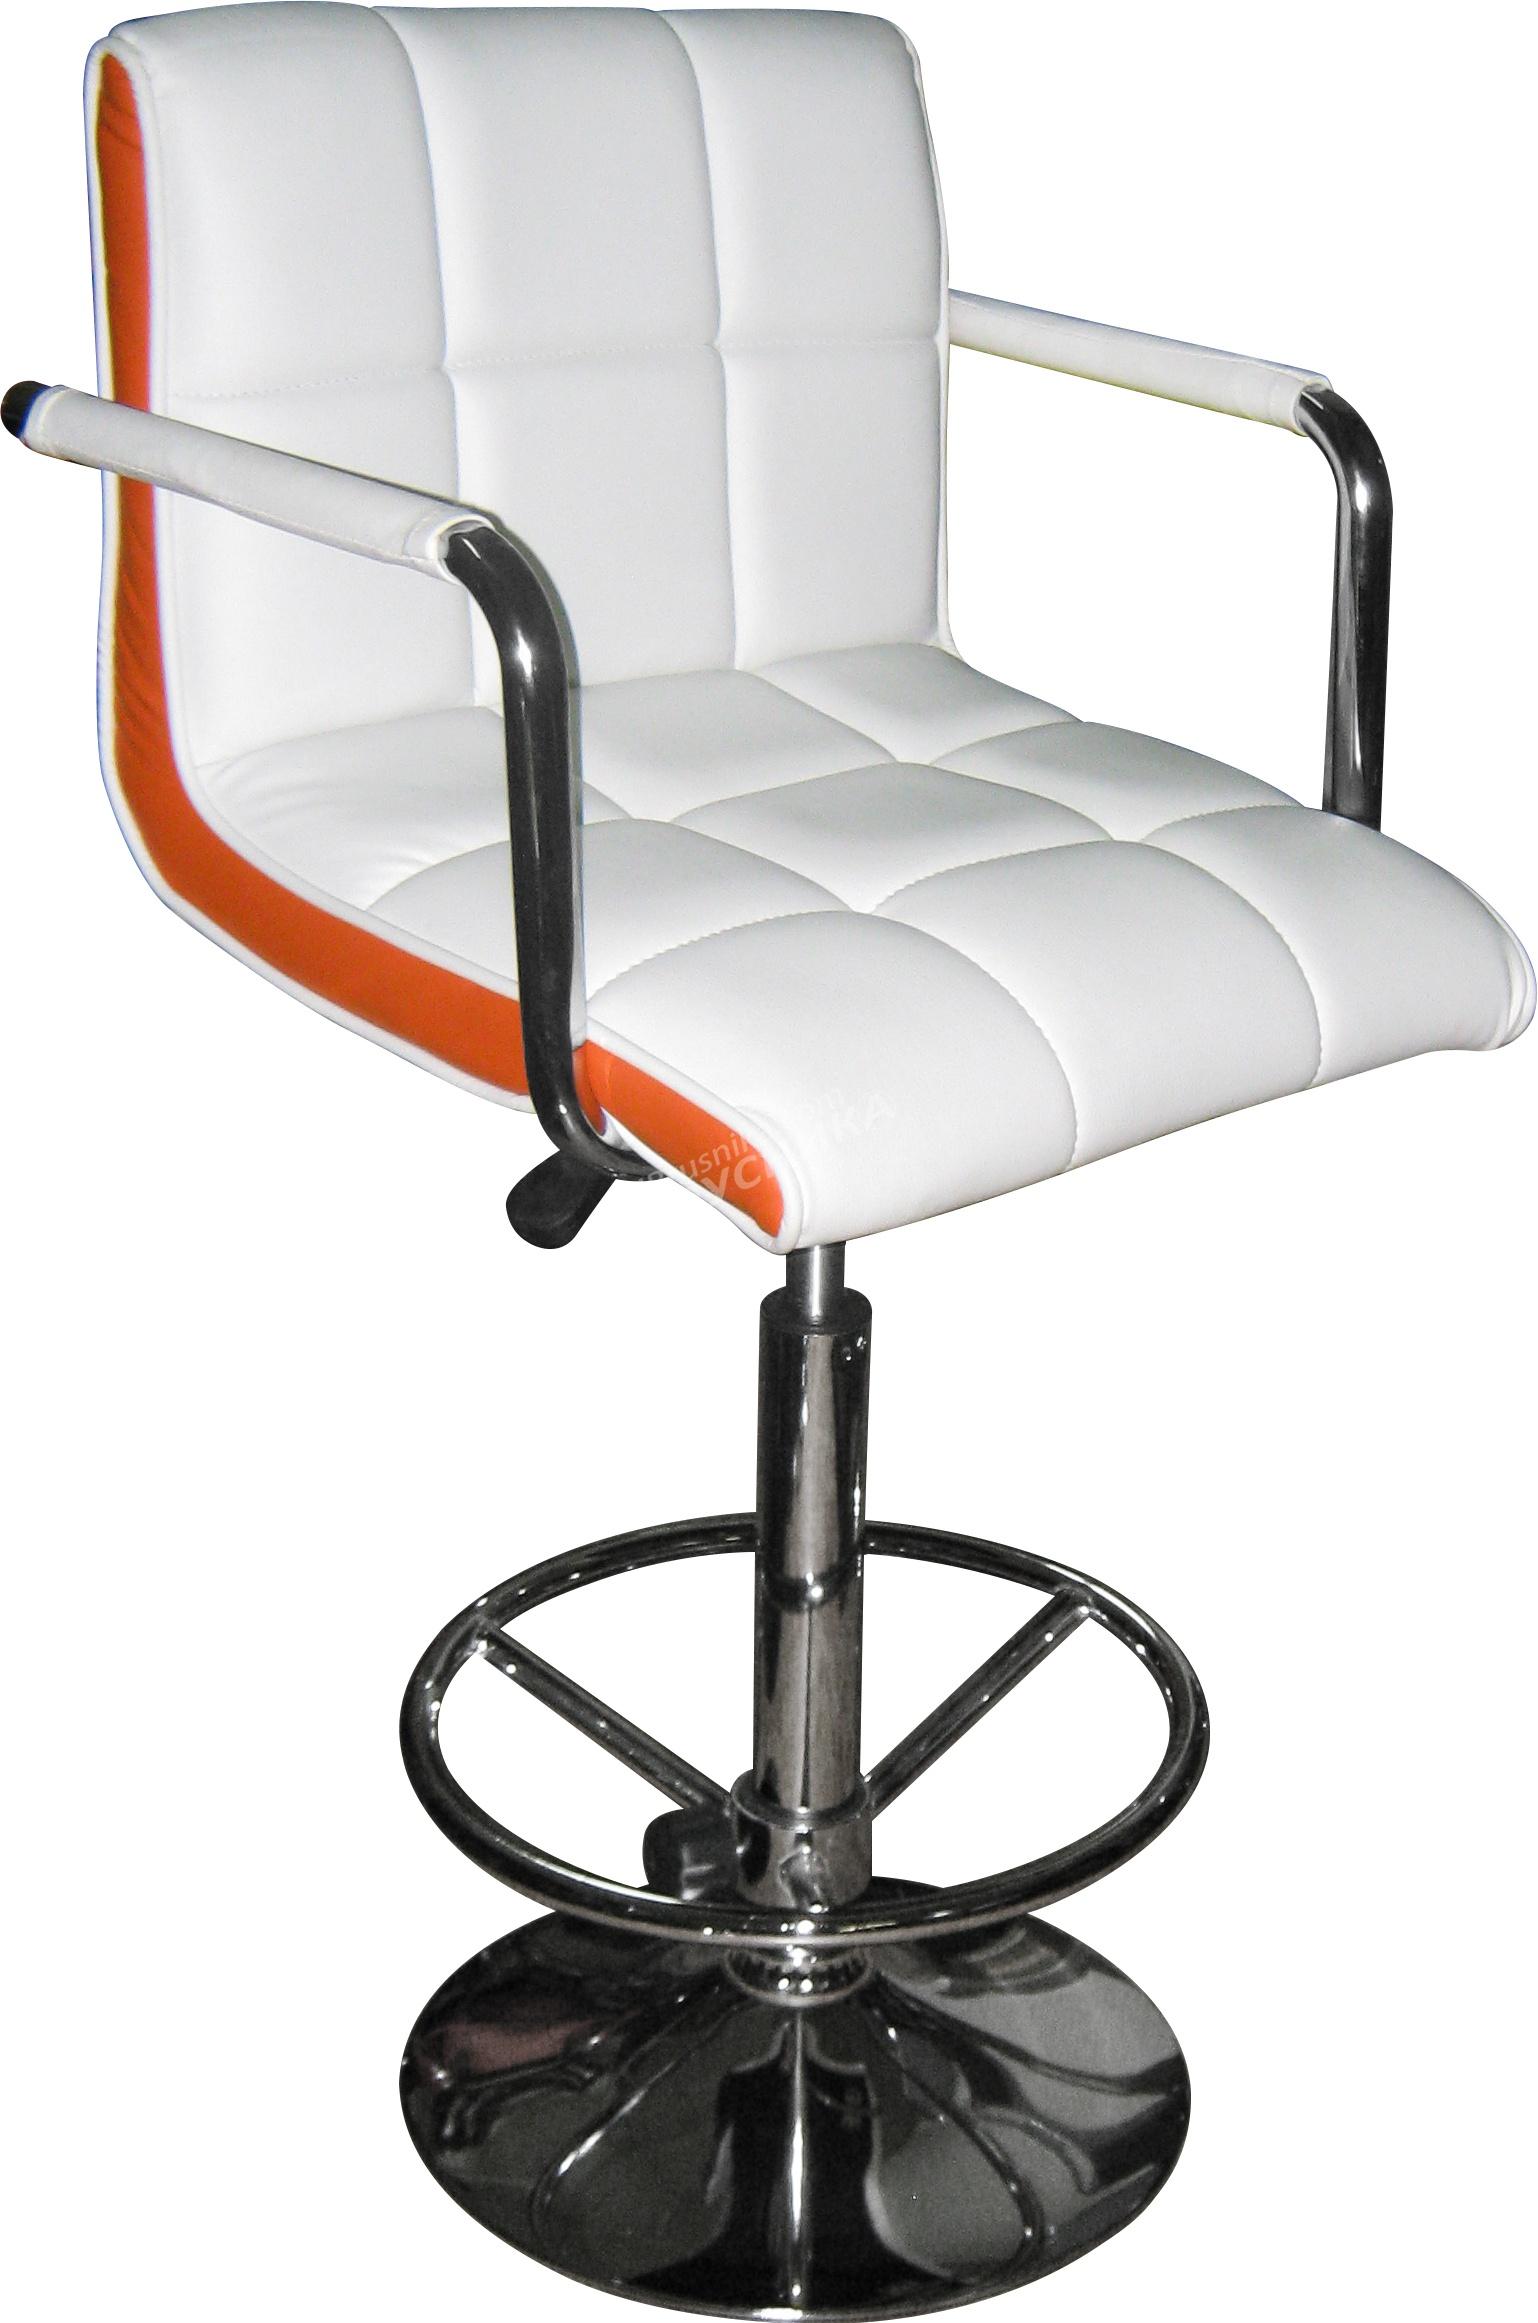 Кресло с регулируемыми ножками своими руками